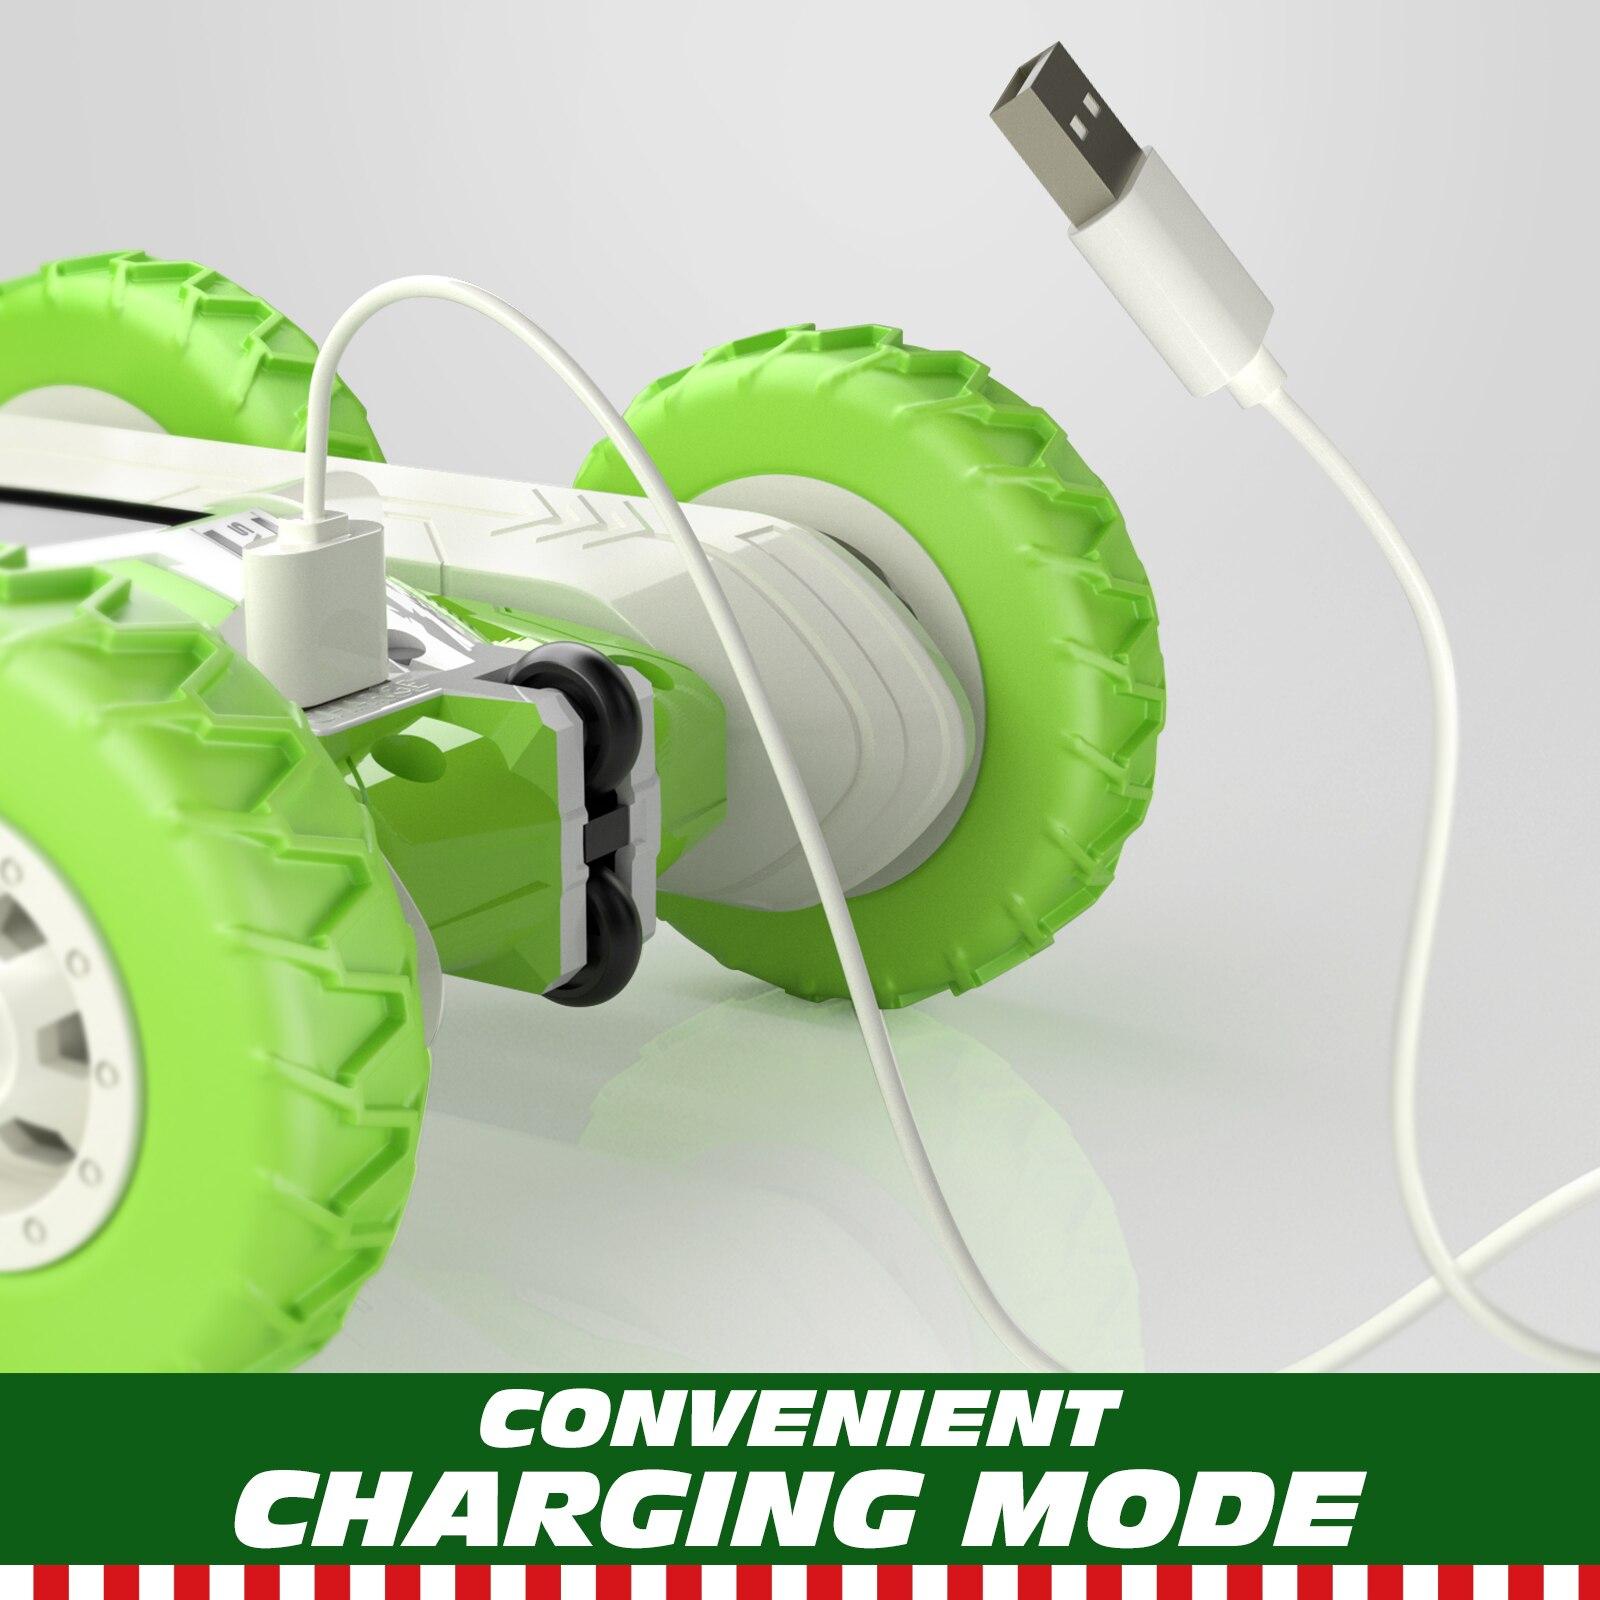 Sinovan Hugine RC Car 2.4G 4CH Stunt Drift Deformation Buggy Car Remote control Roll Car 360 Degree Flip Kids Robot RC Cars Toys Remote Control Toys cb5feb1b7314637725a2e7: WJQYS8982BM|WJQYS8983BM|WJQYS8985BM|WJQYS8988BM|WJQYS8989BM